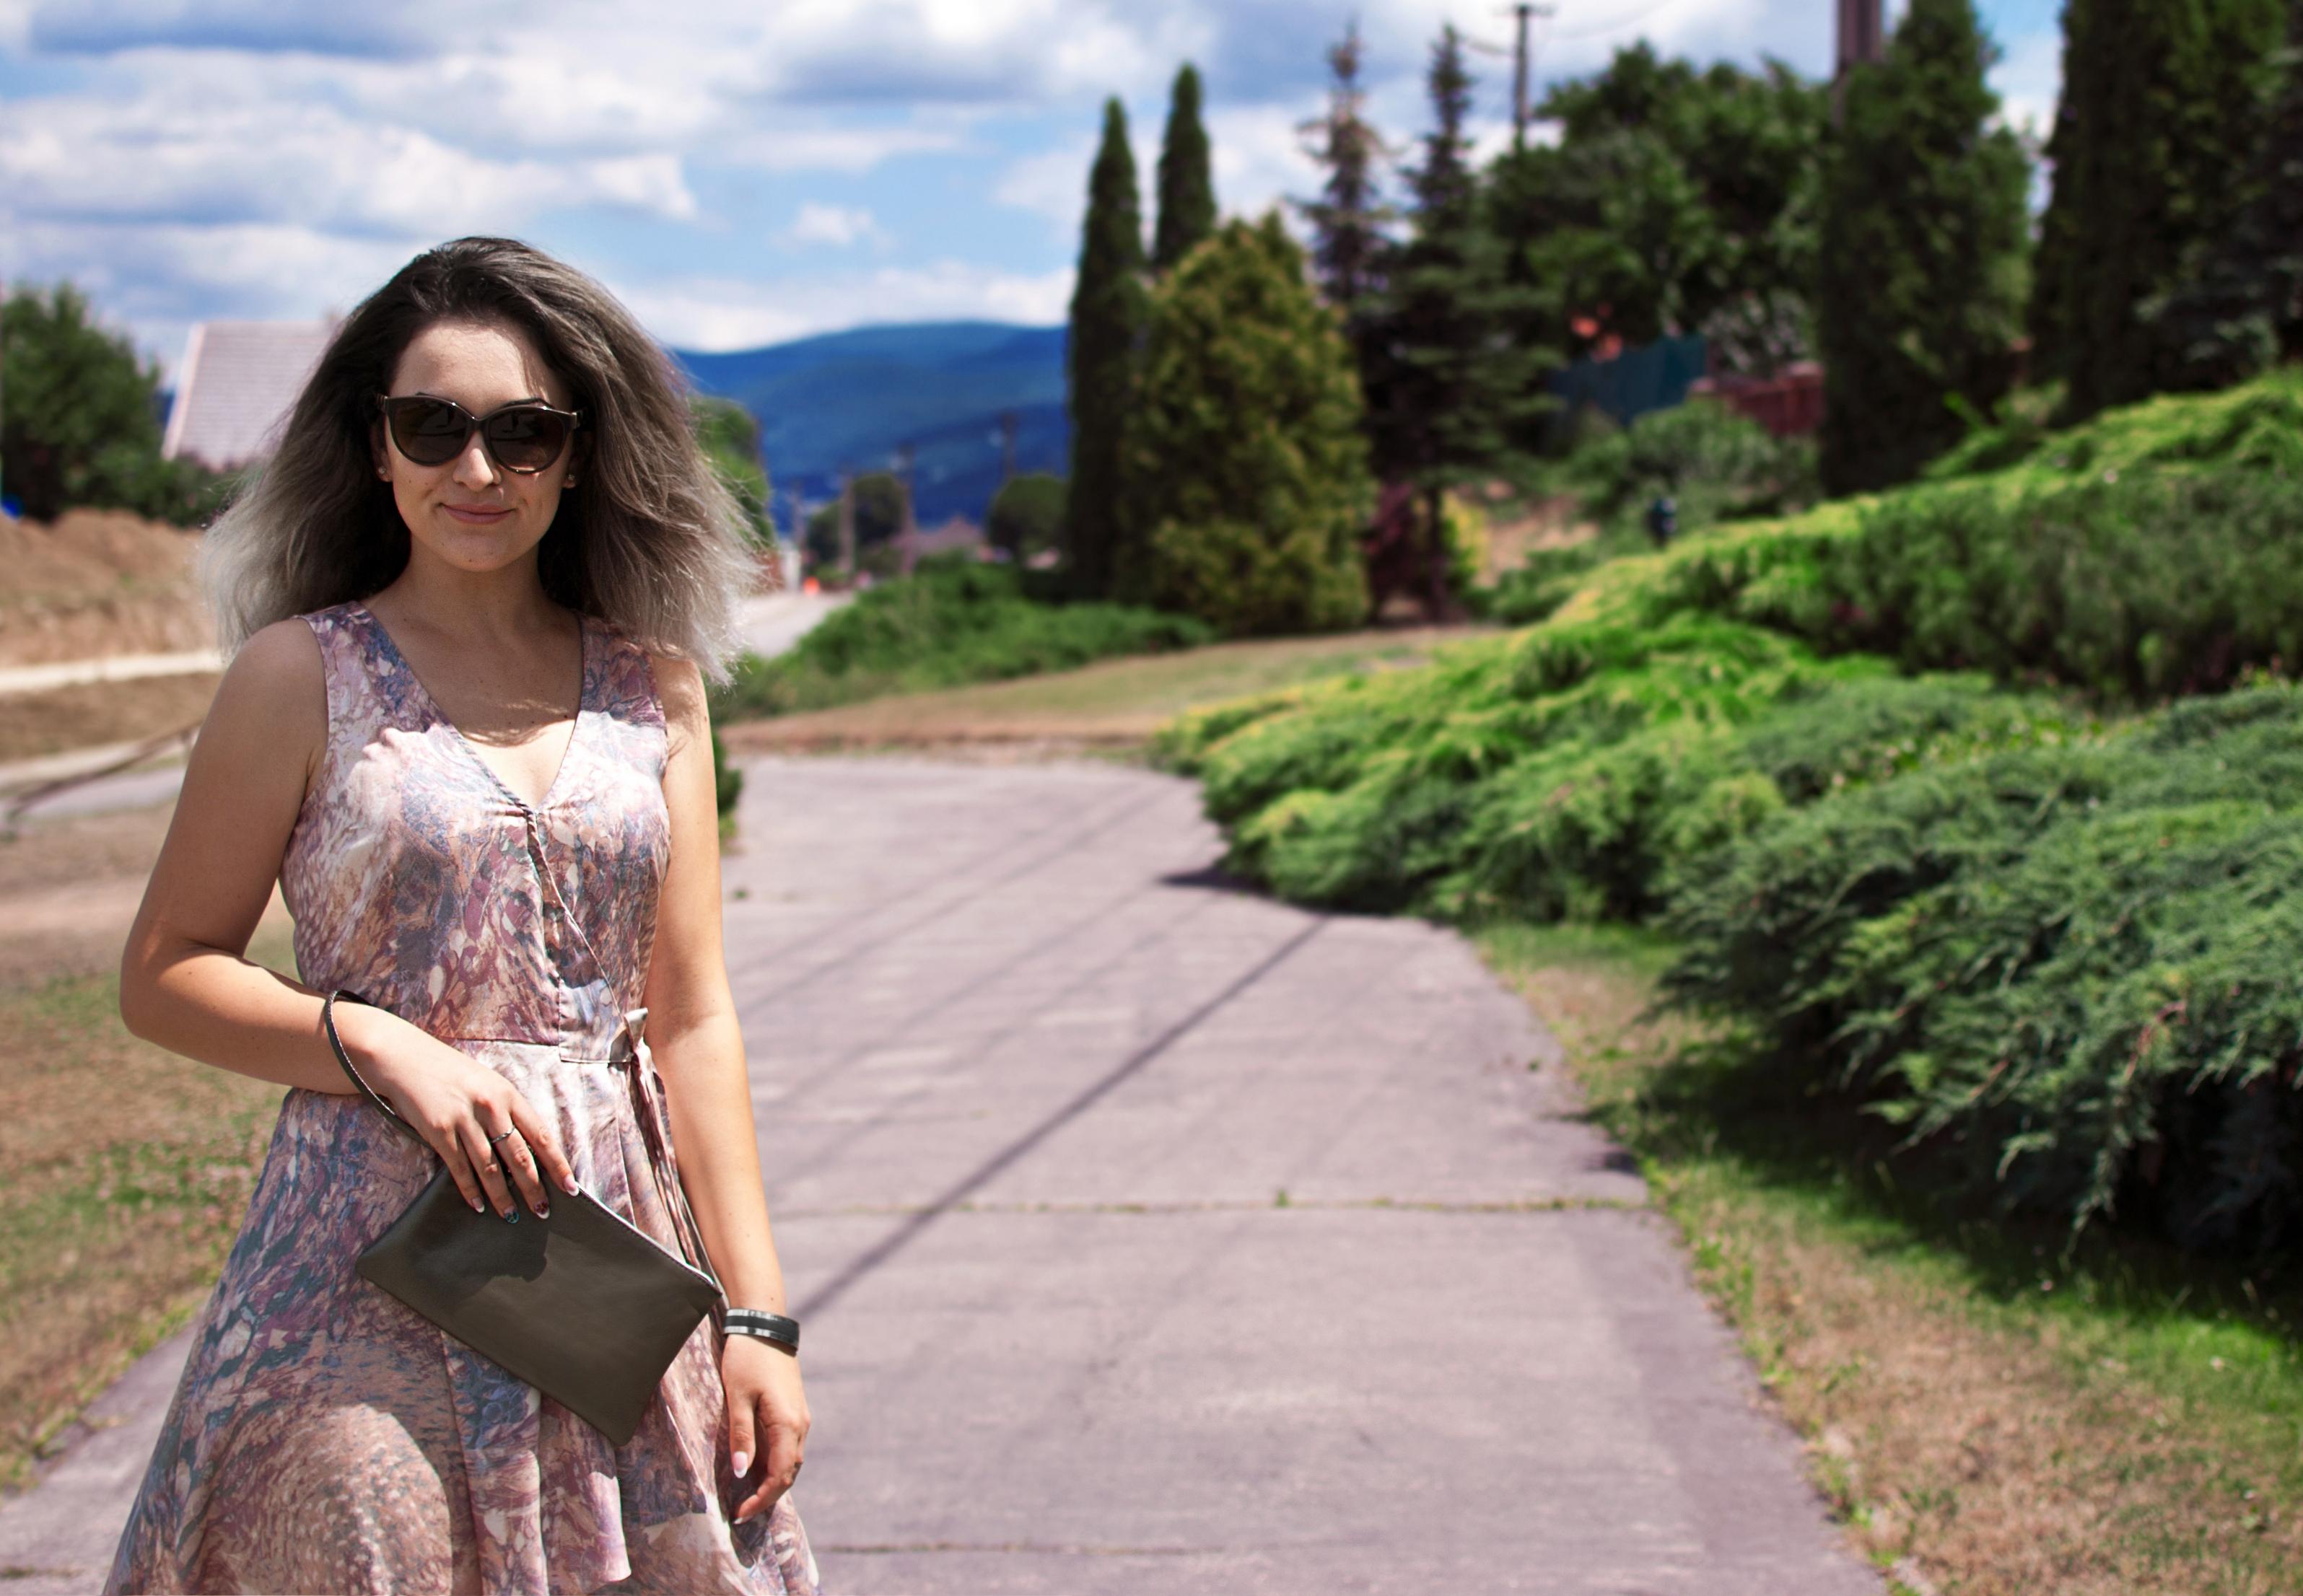 blogova-fotka-7